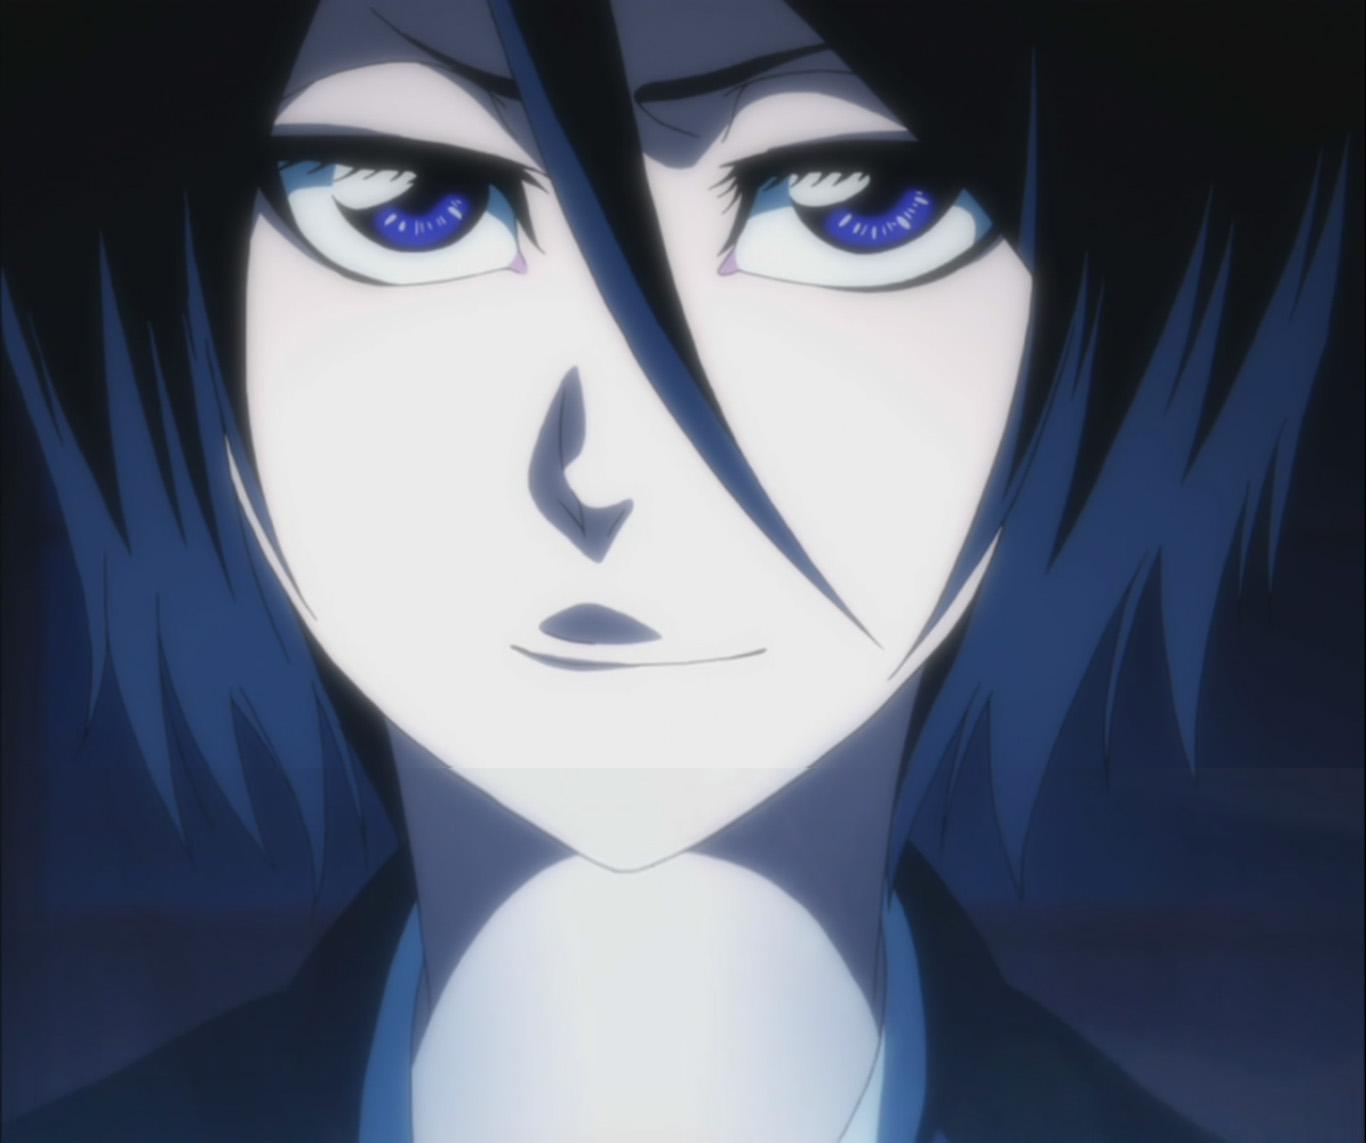 Rukia's New Look – Bleach 354 | Daily Anime Art